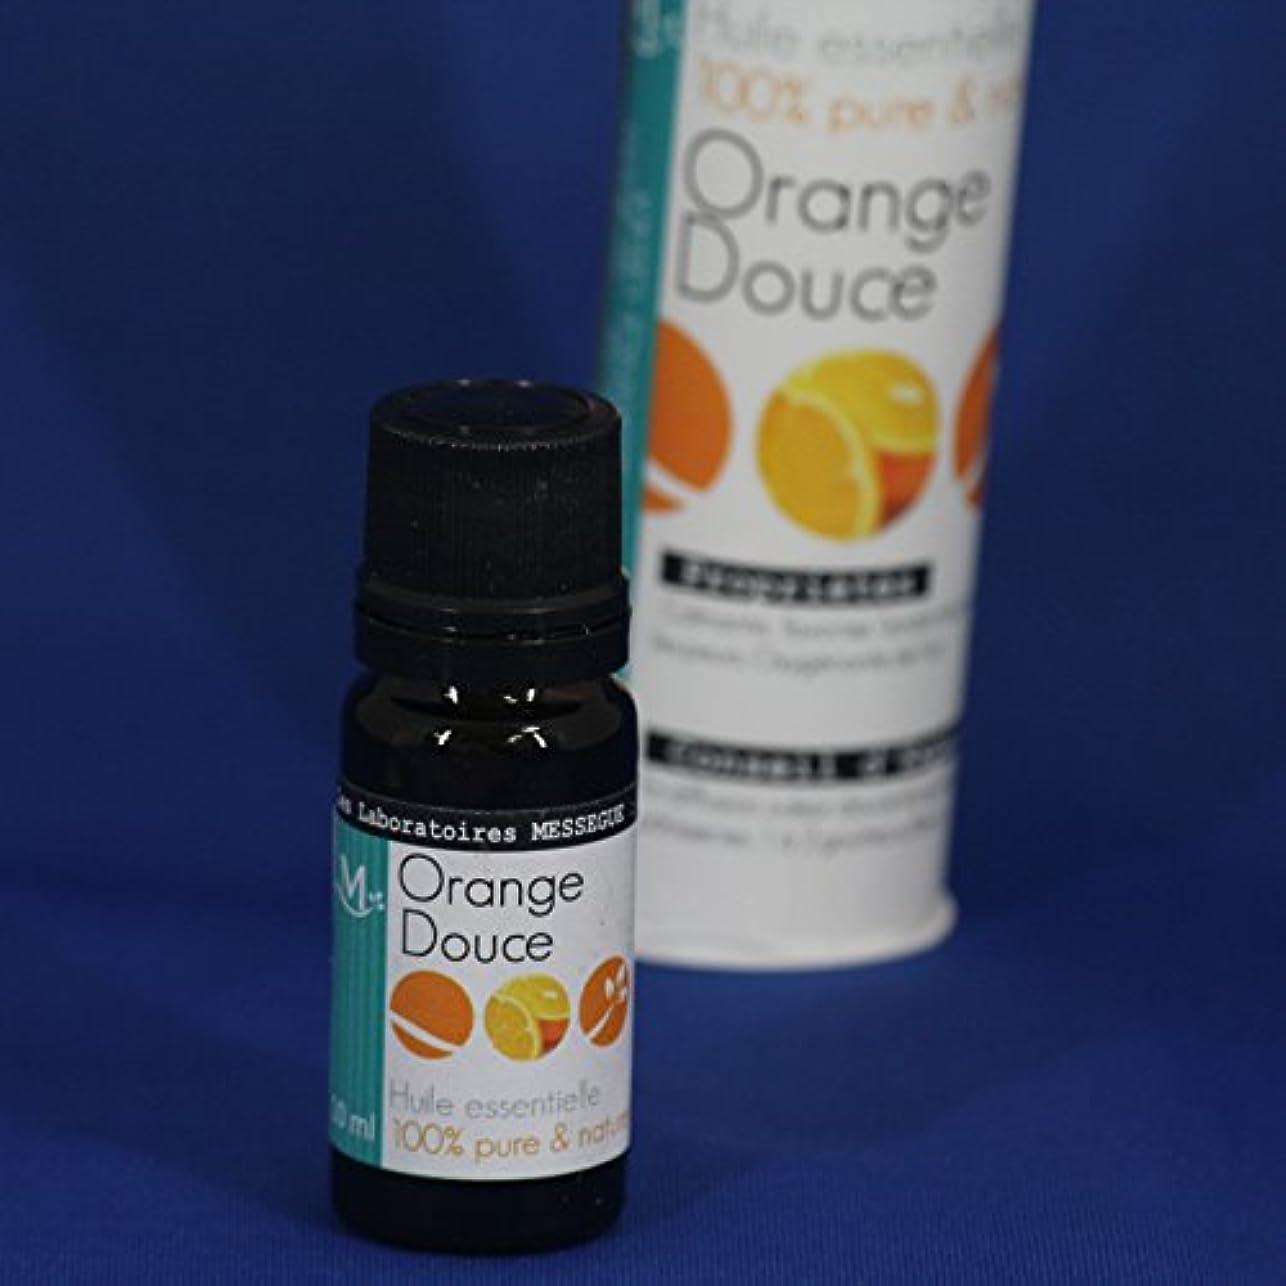 優れたくしゃみ望みLabaratoires MESSEGUE Huile essentieiie  100%pure&naturelle OrangeDouce モーリスメセゲ エッセンシャルオイル オレンジスイート